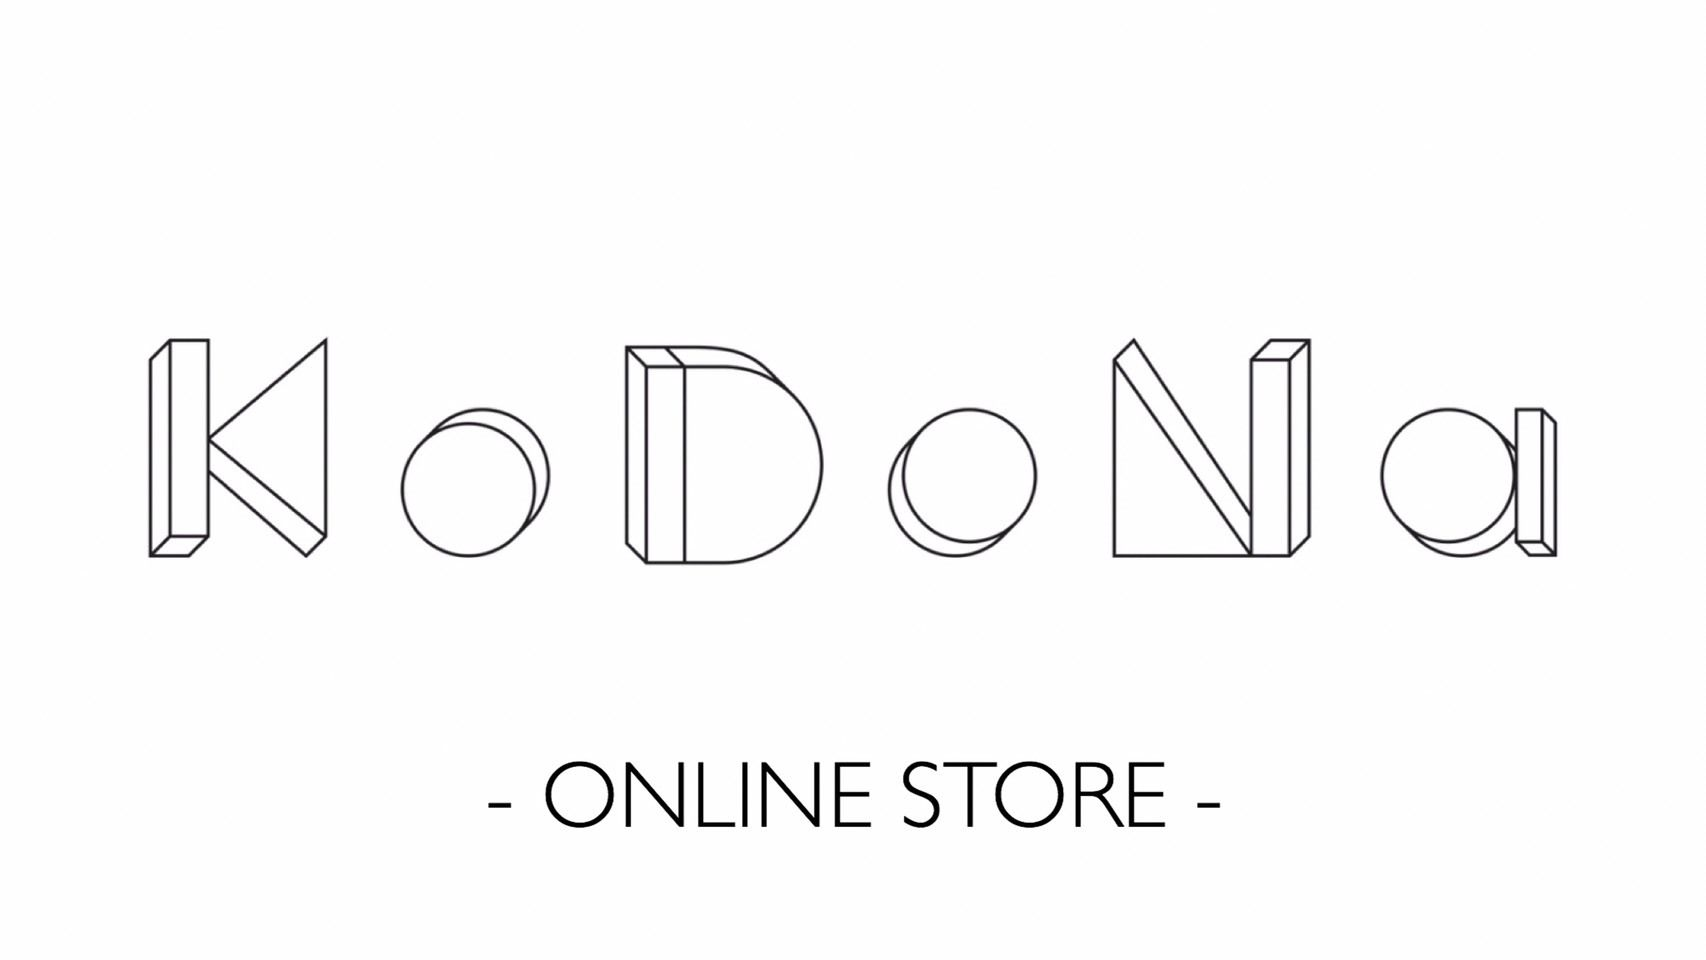 kodona online store